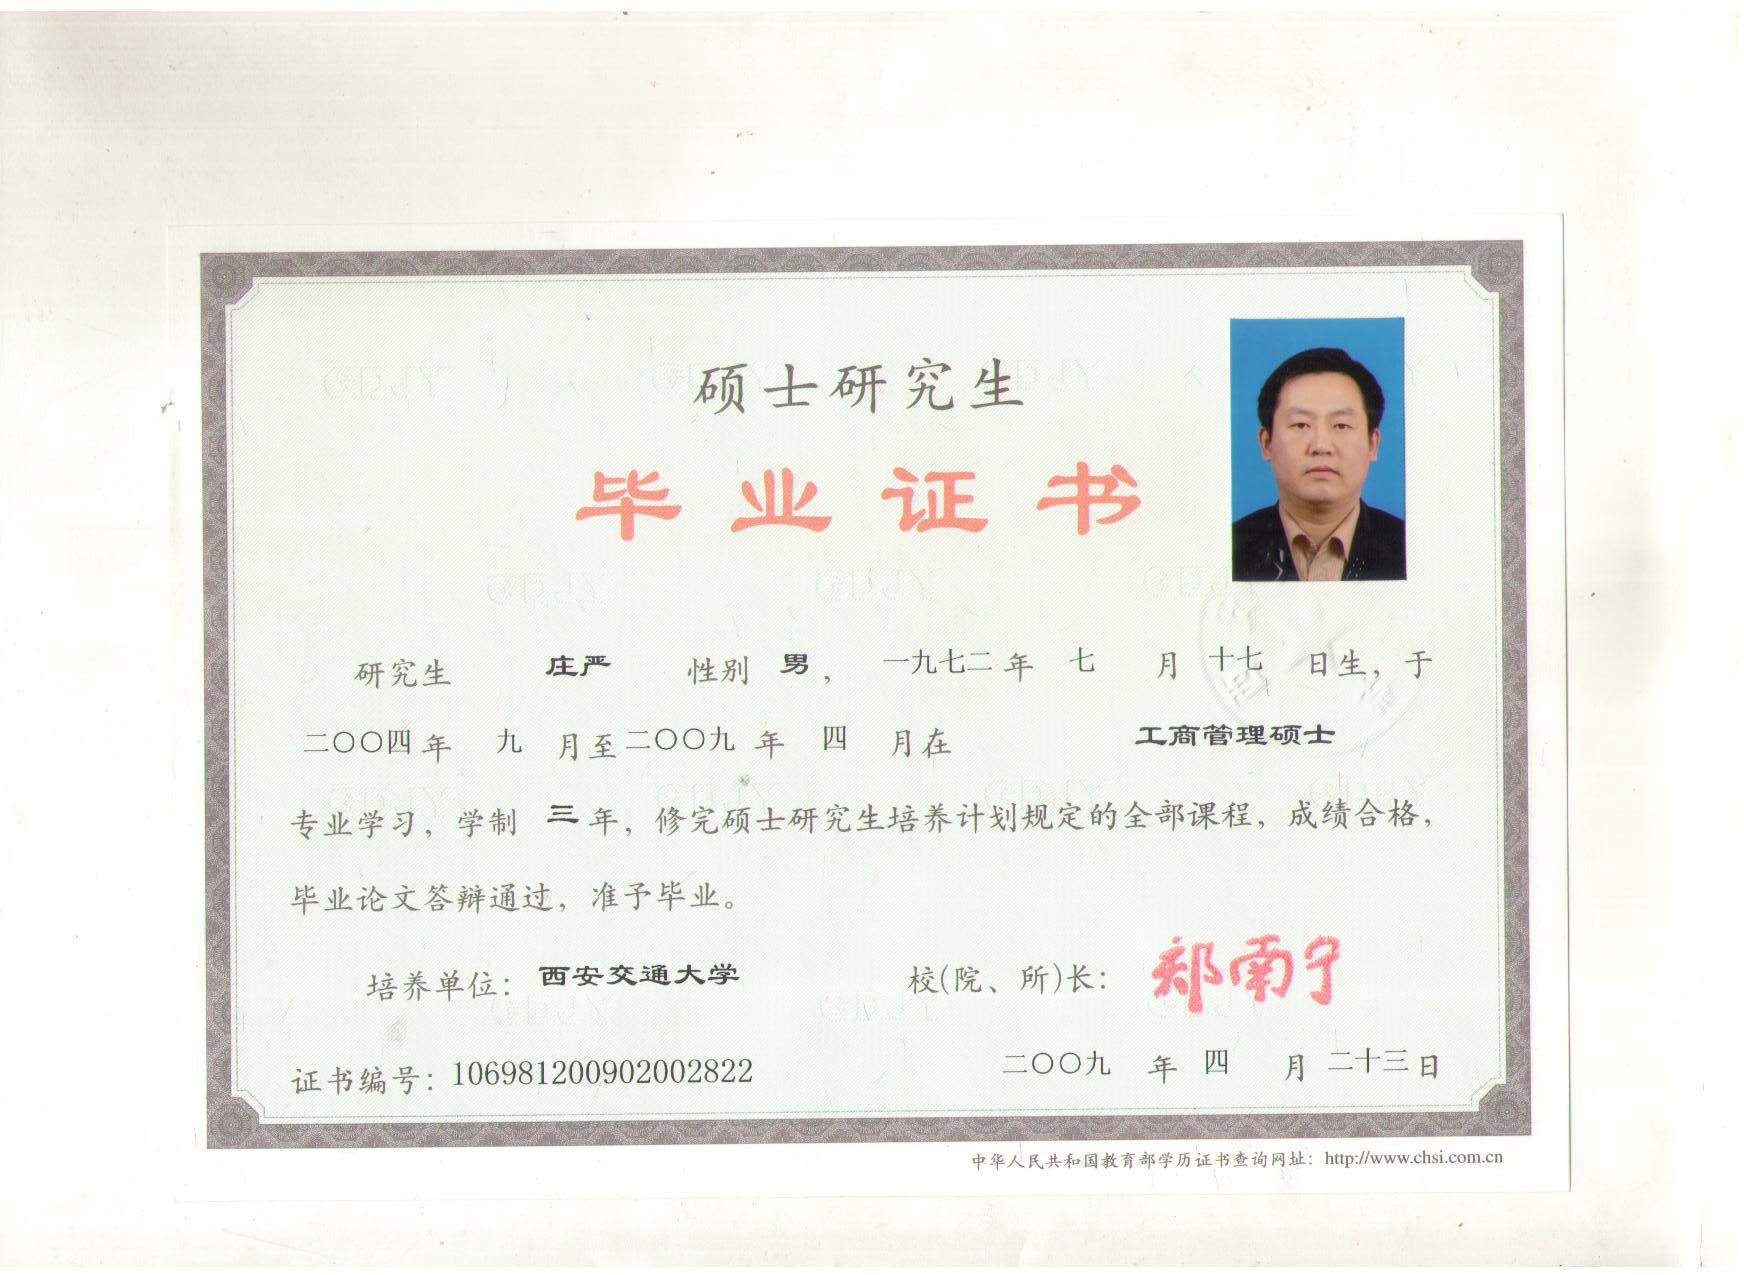 西安交大mba培训中心